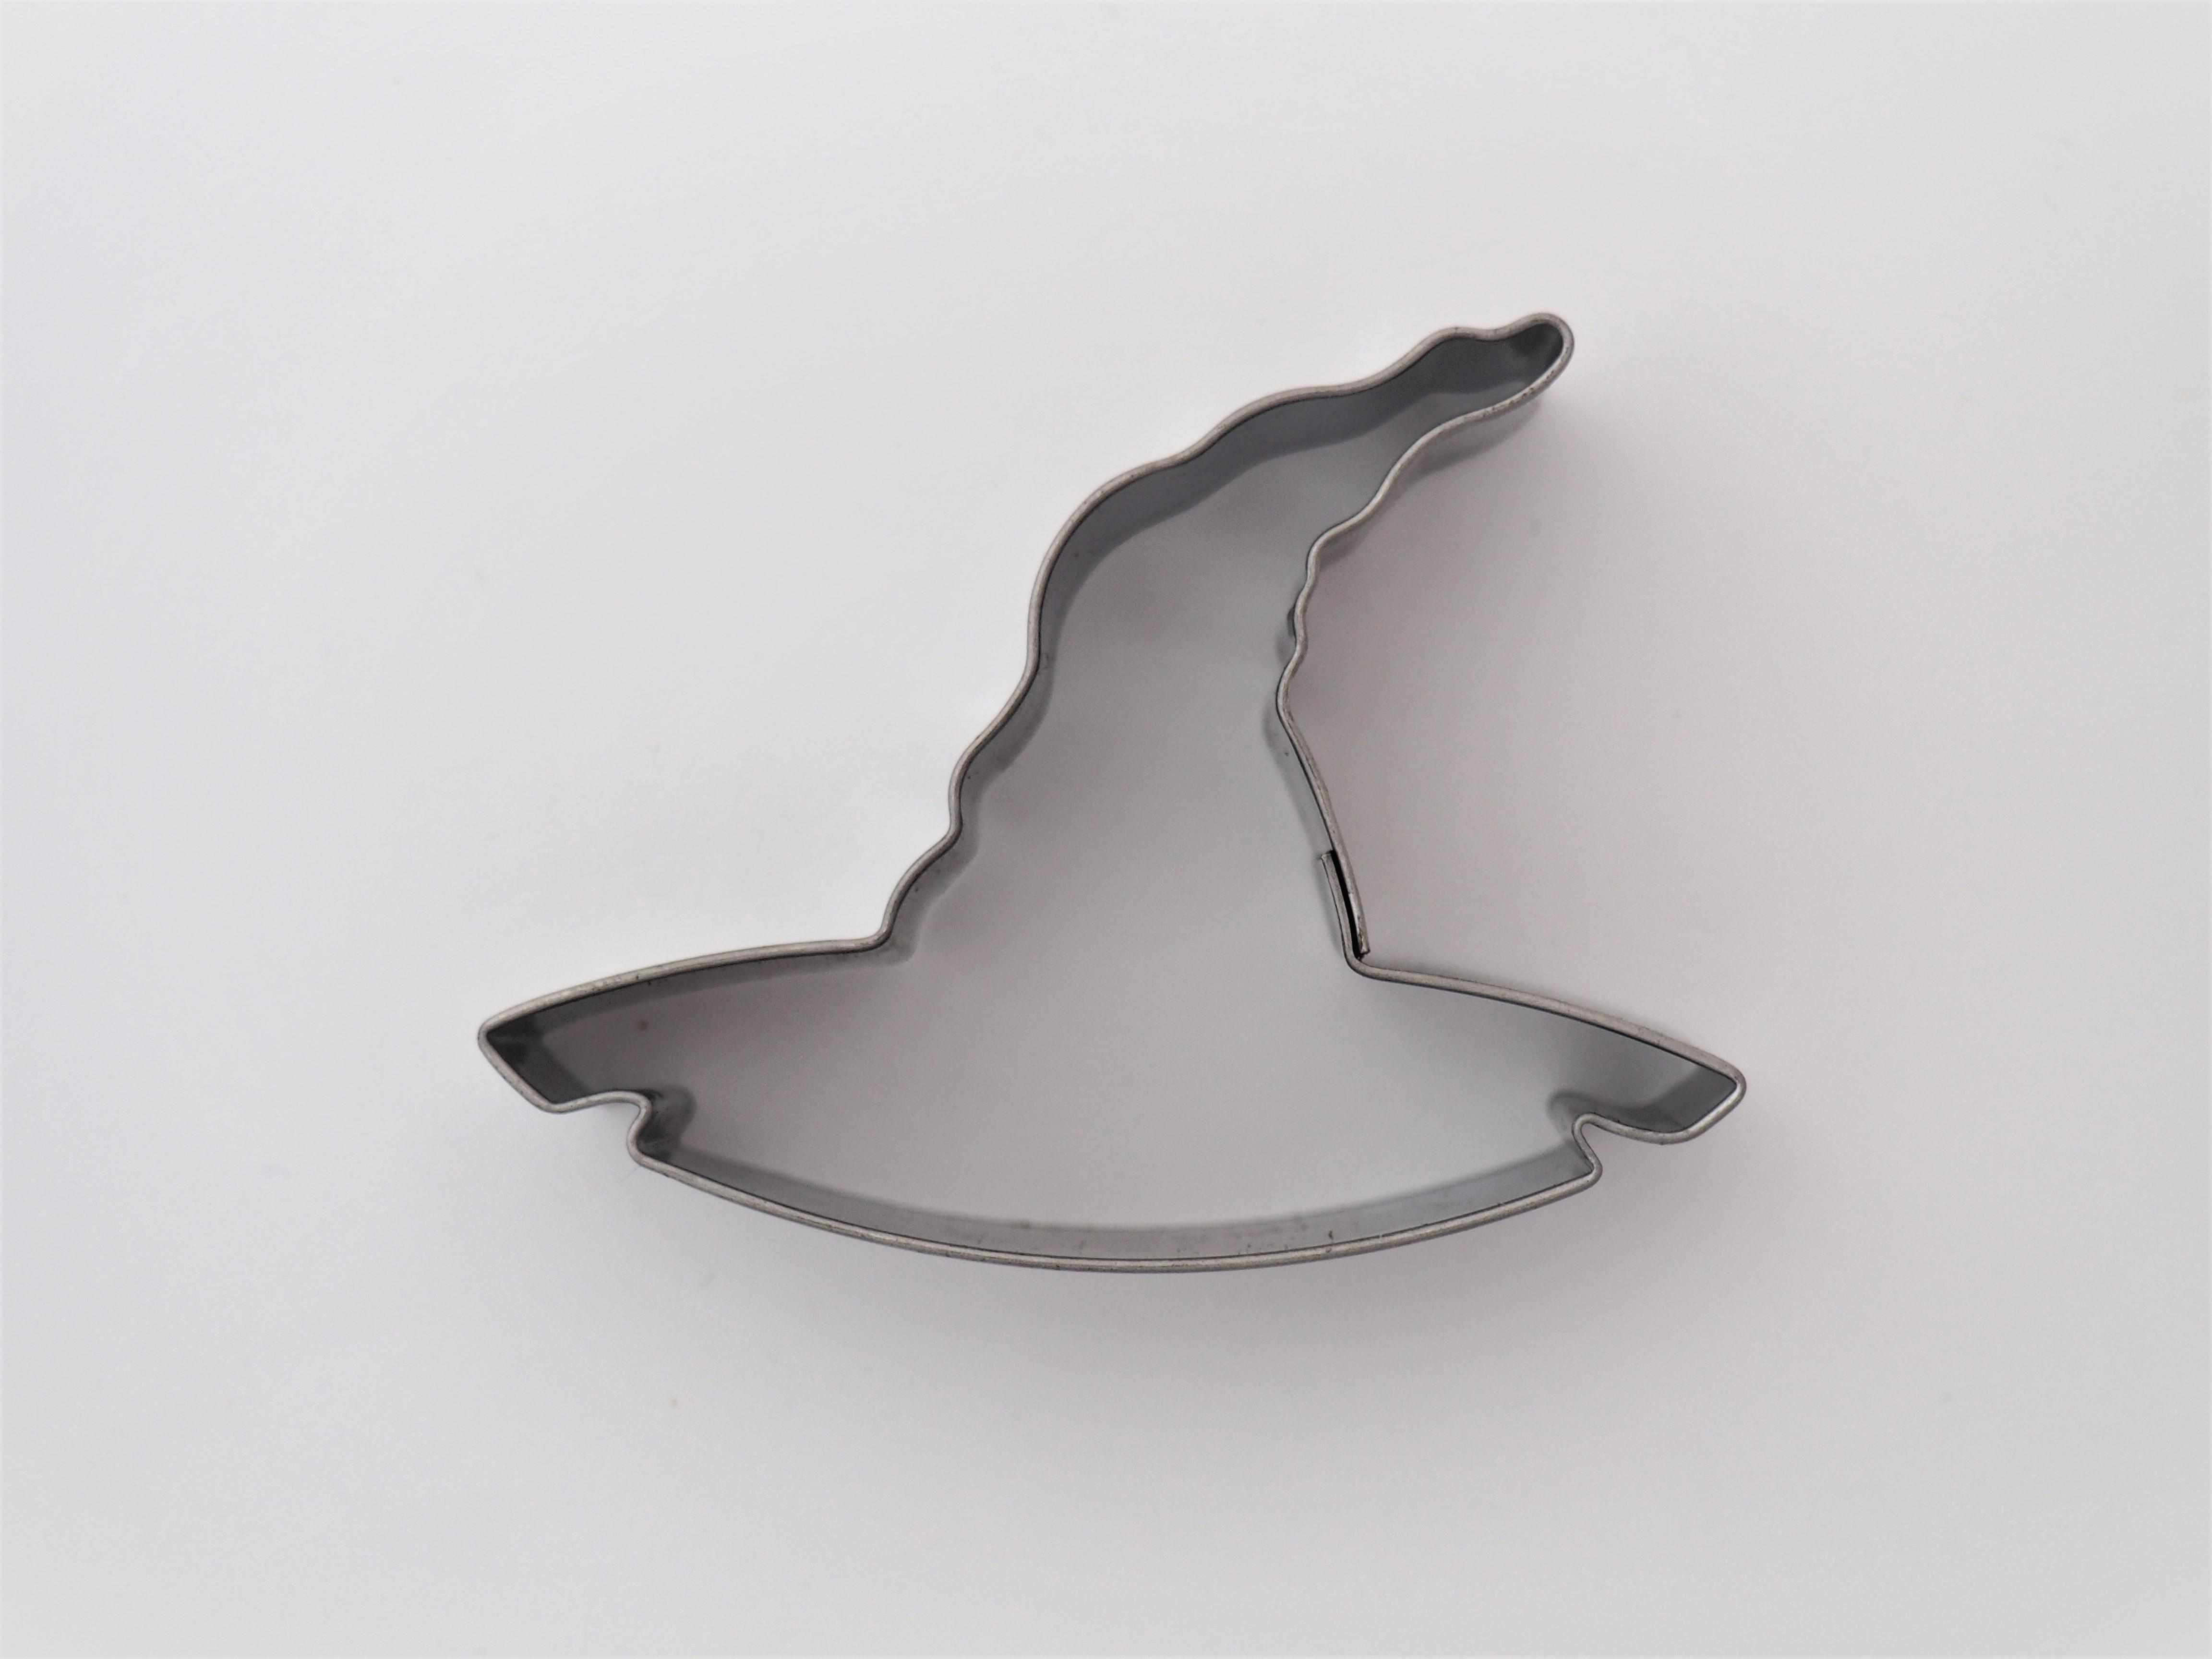 Ausstecher Hexenhut H 4,5 cm